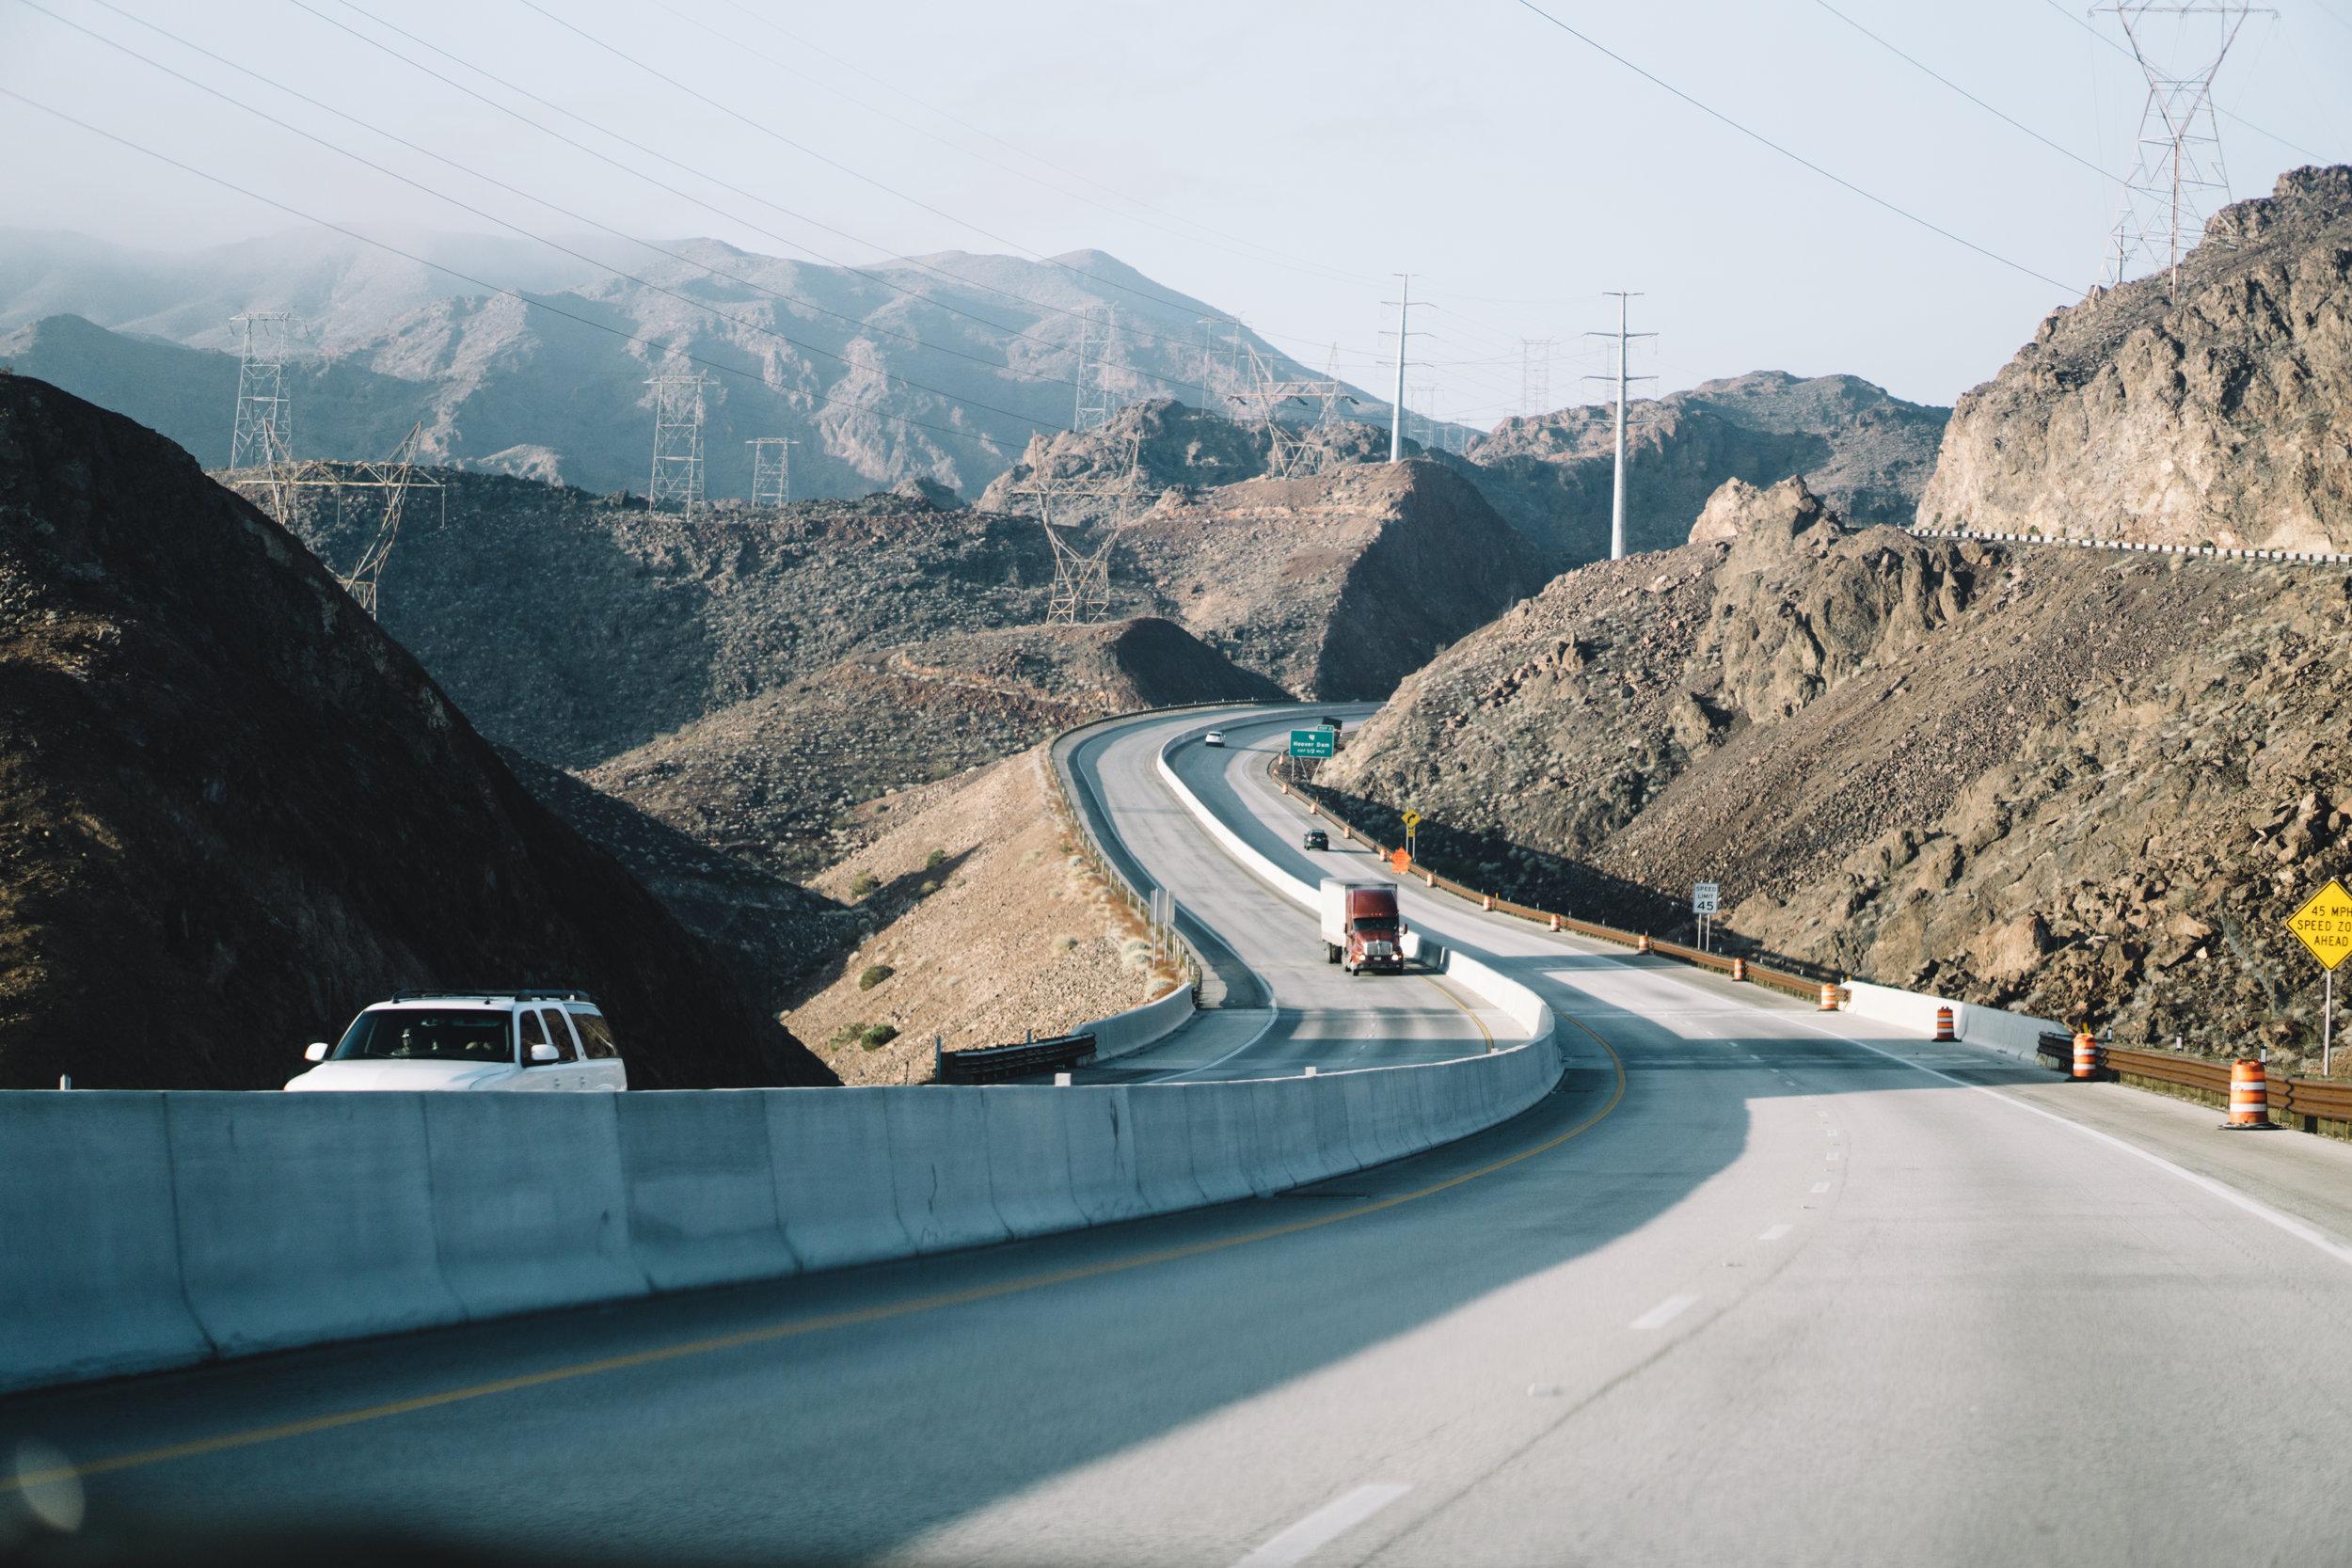 01.01.17 | Drive Back Home